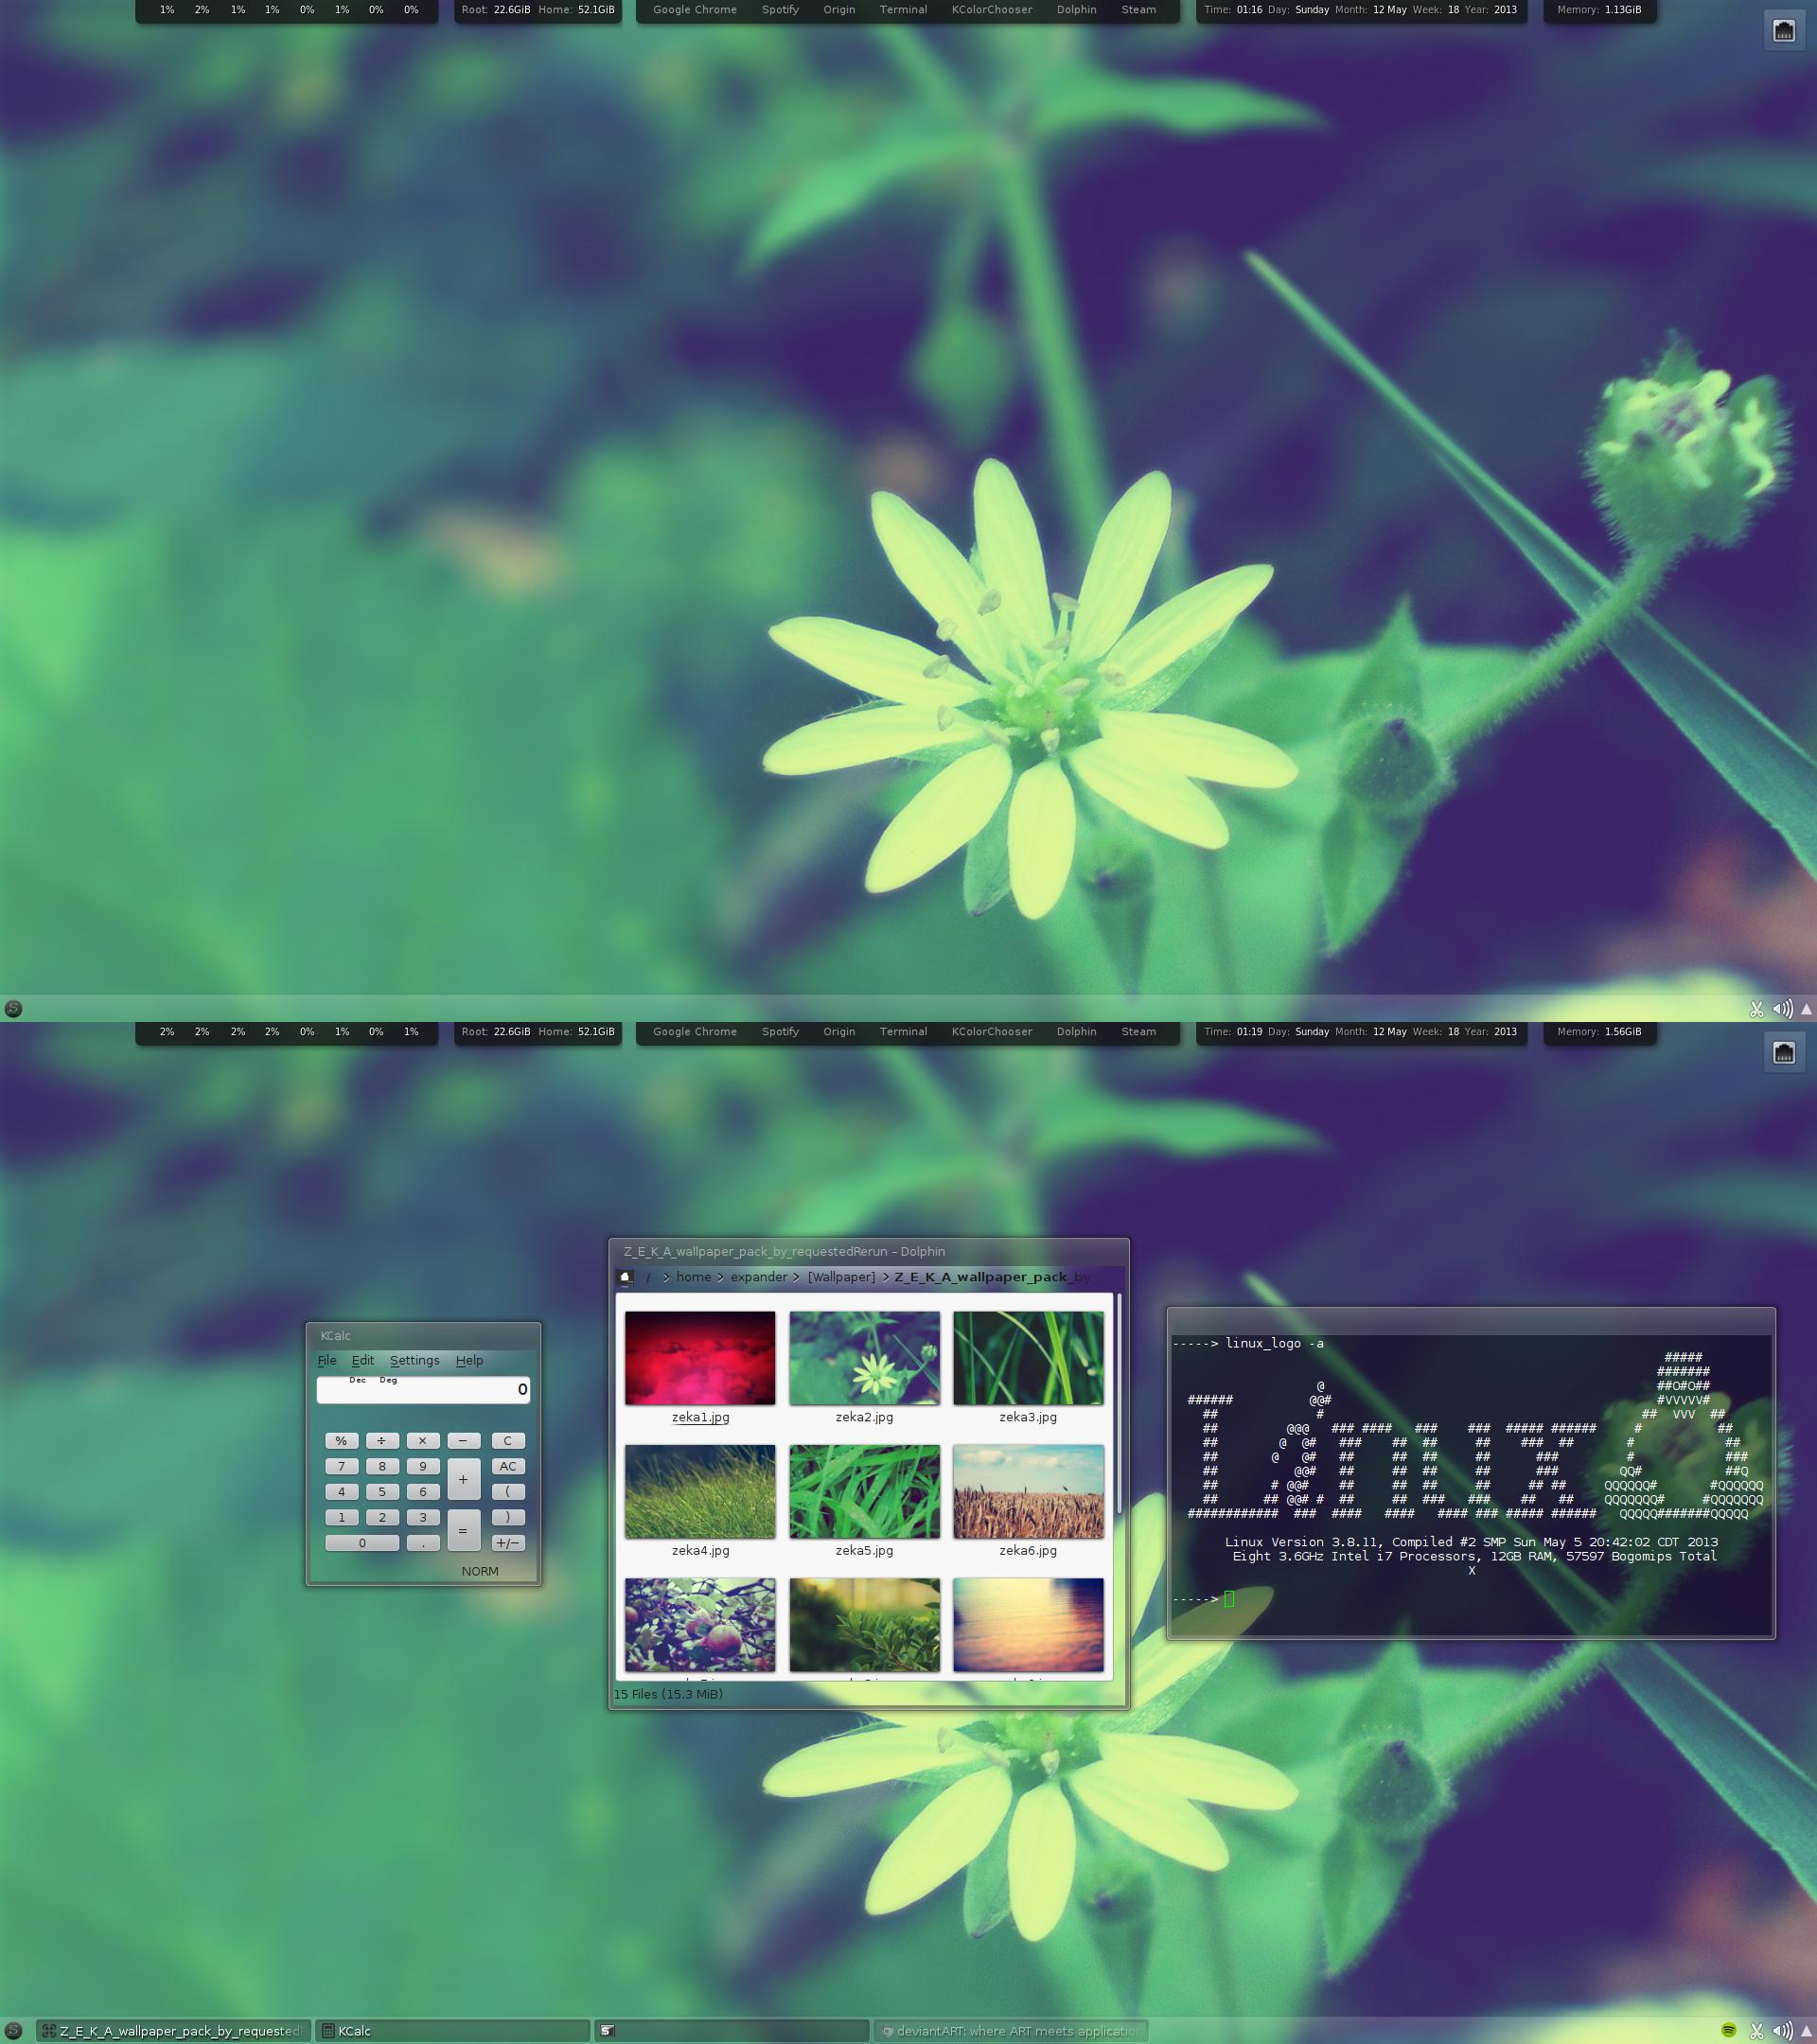 KDE Transparentation by xeXpanderx